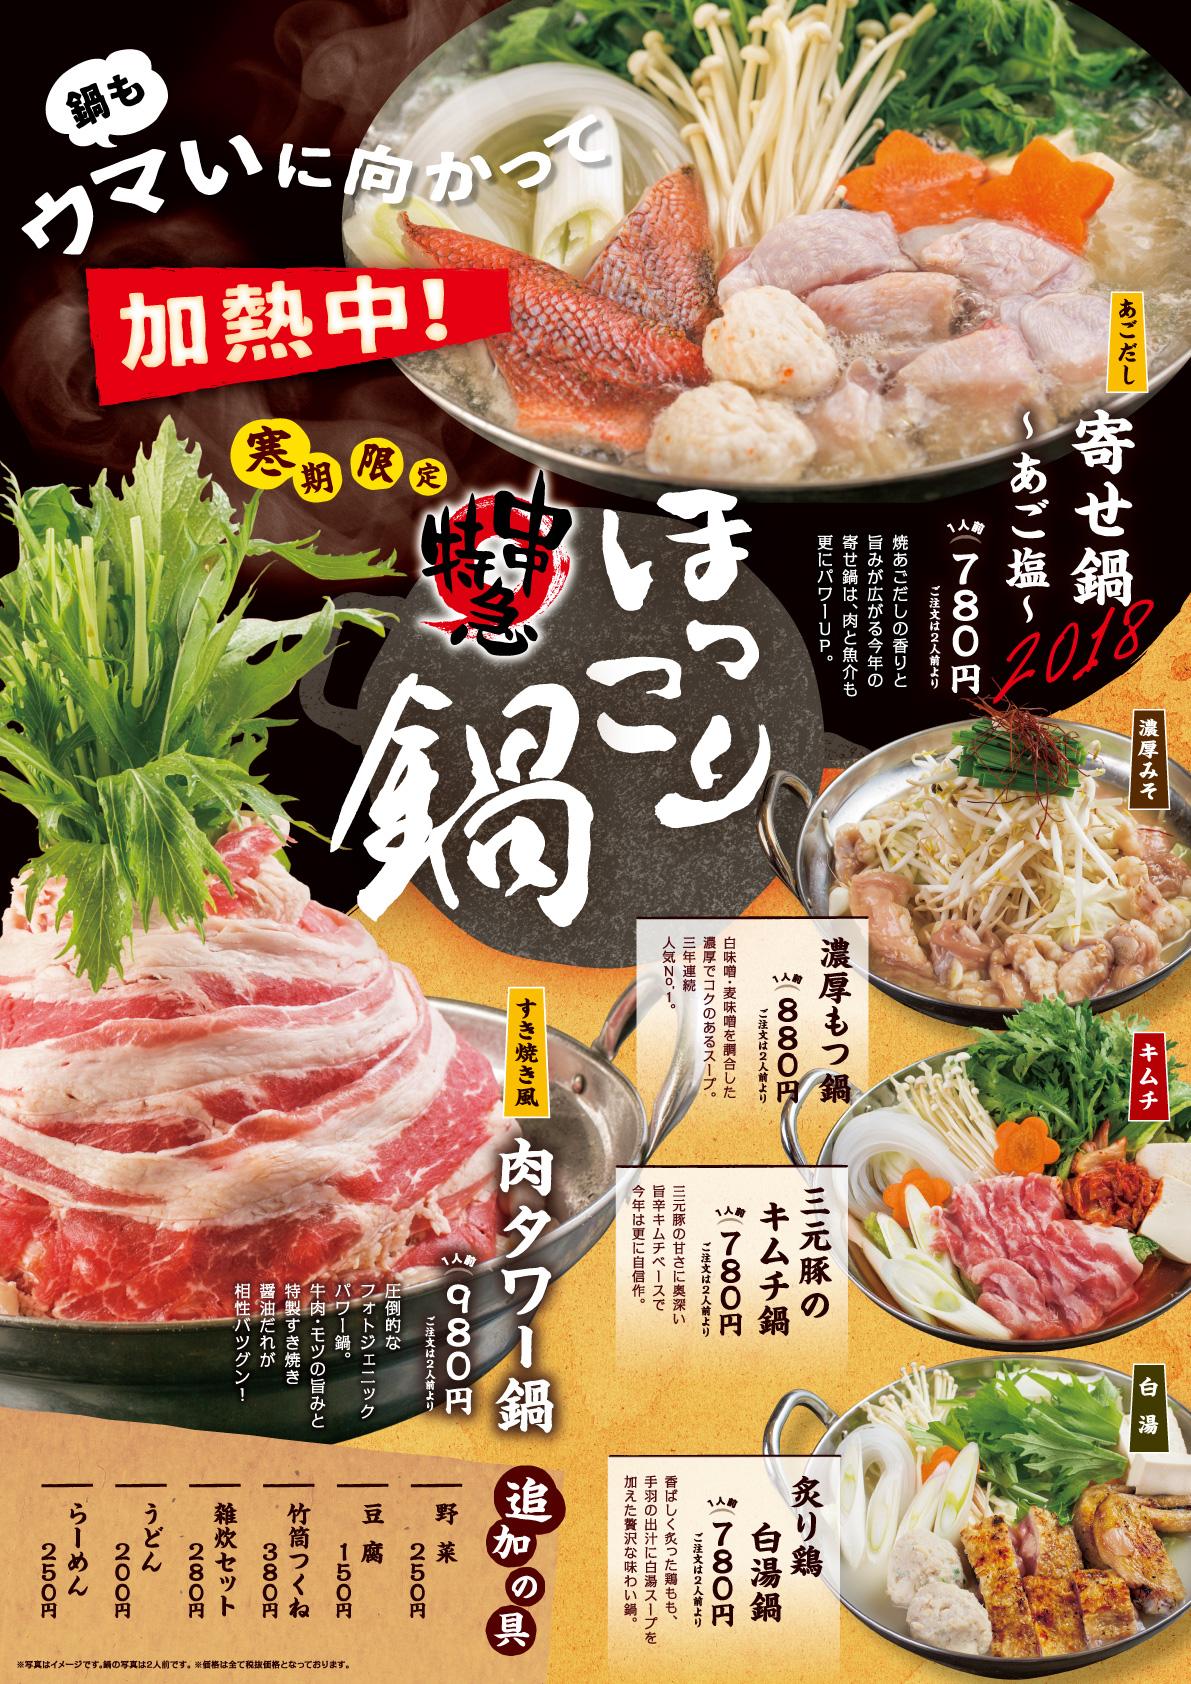 11月5日より、鍋メニューがスタート!!